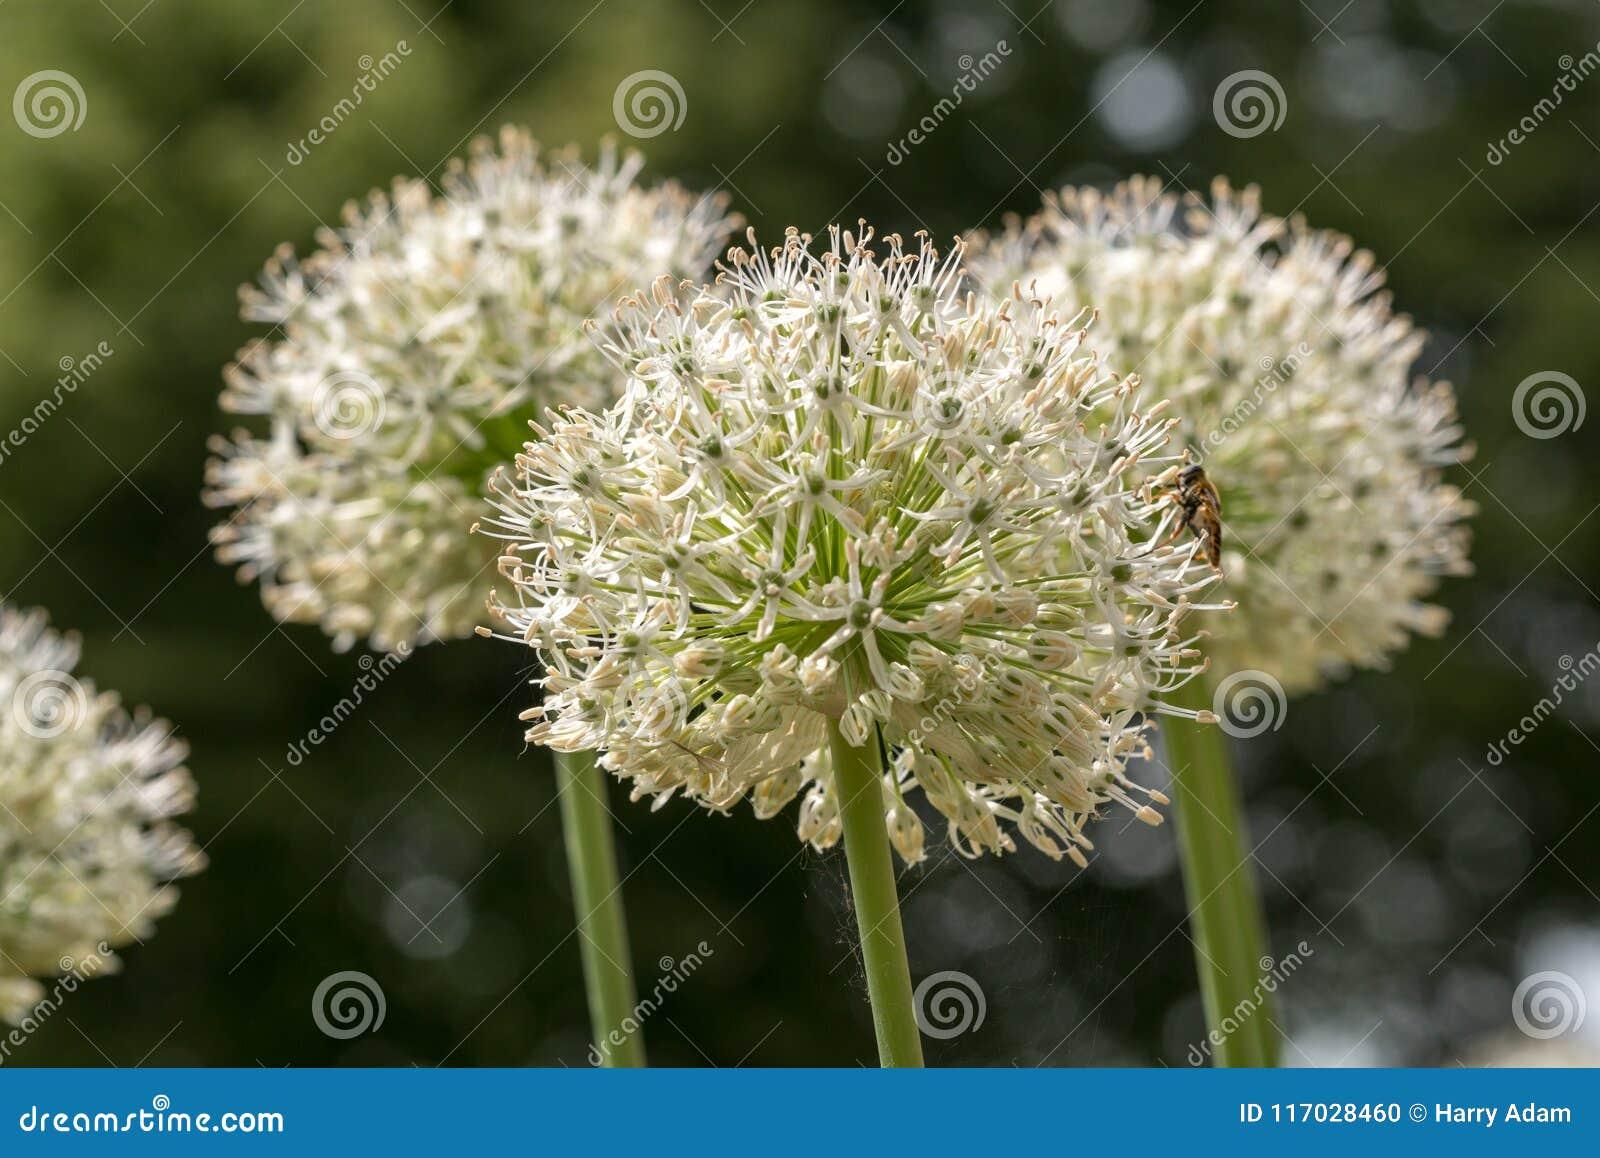 Gang of white elephant garlic - allium ampeloprasum